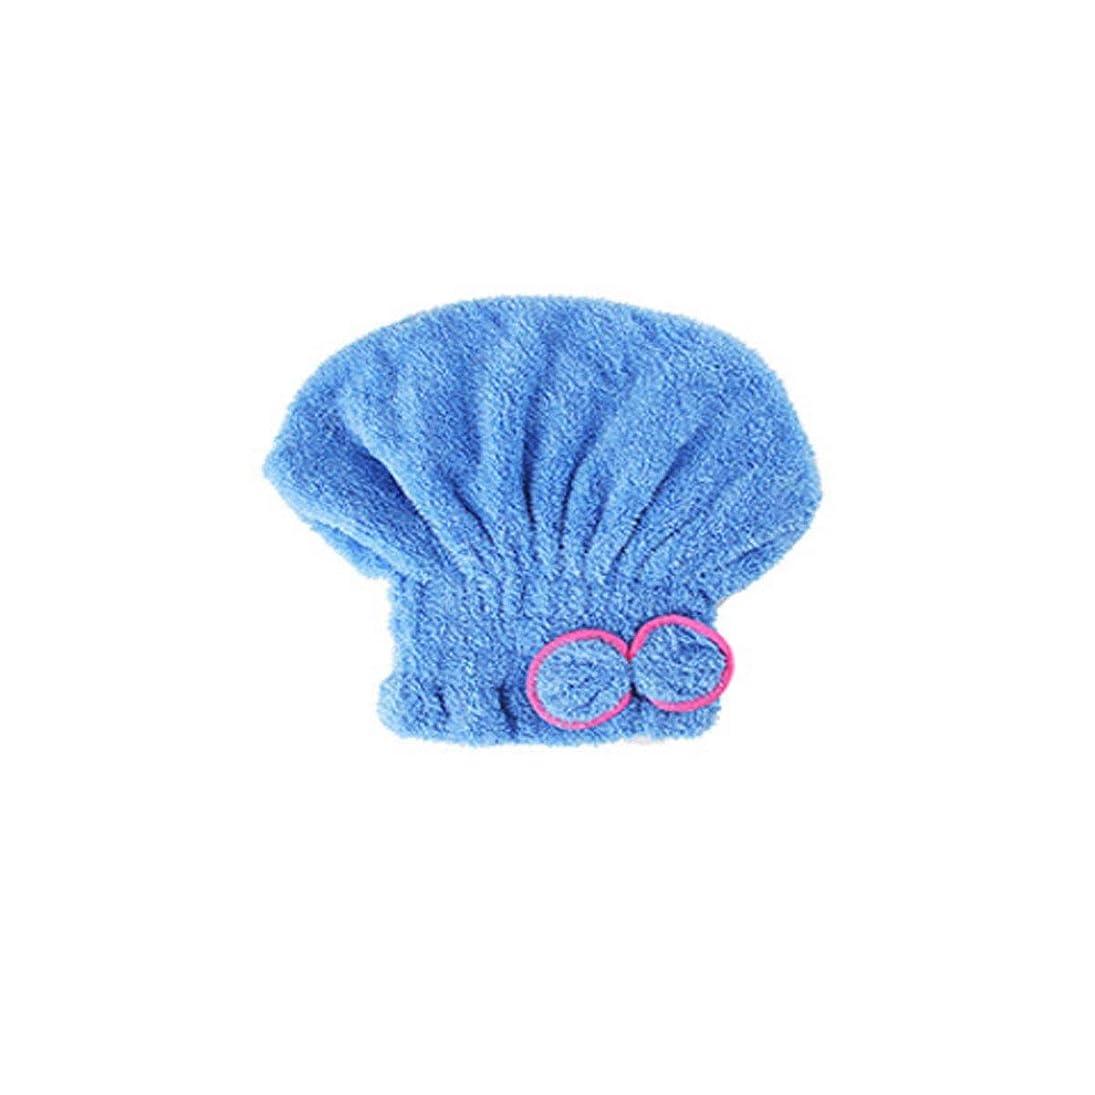 息を切らしてコンバーチブル縫い目HENGTONGTONGXUN シャワーキャップ、ドライヘアキャップ、レディースバッグヘア速乾性タオル、吸収性ドライヘアタオル、かわいいシャワーキャップ (Color : A1)